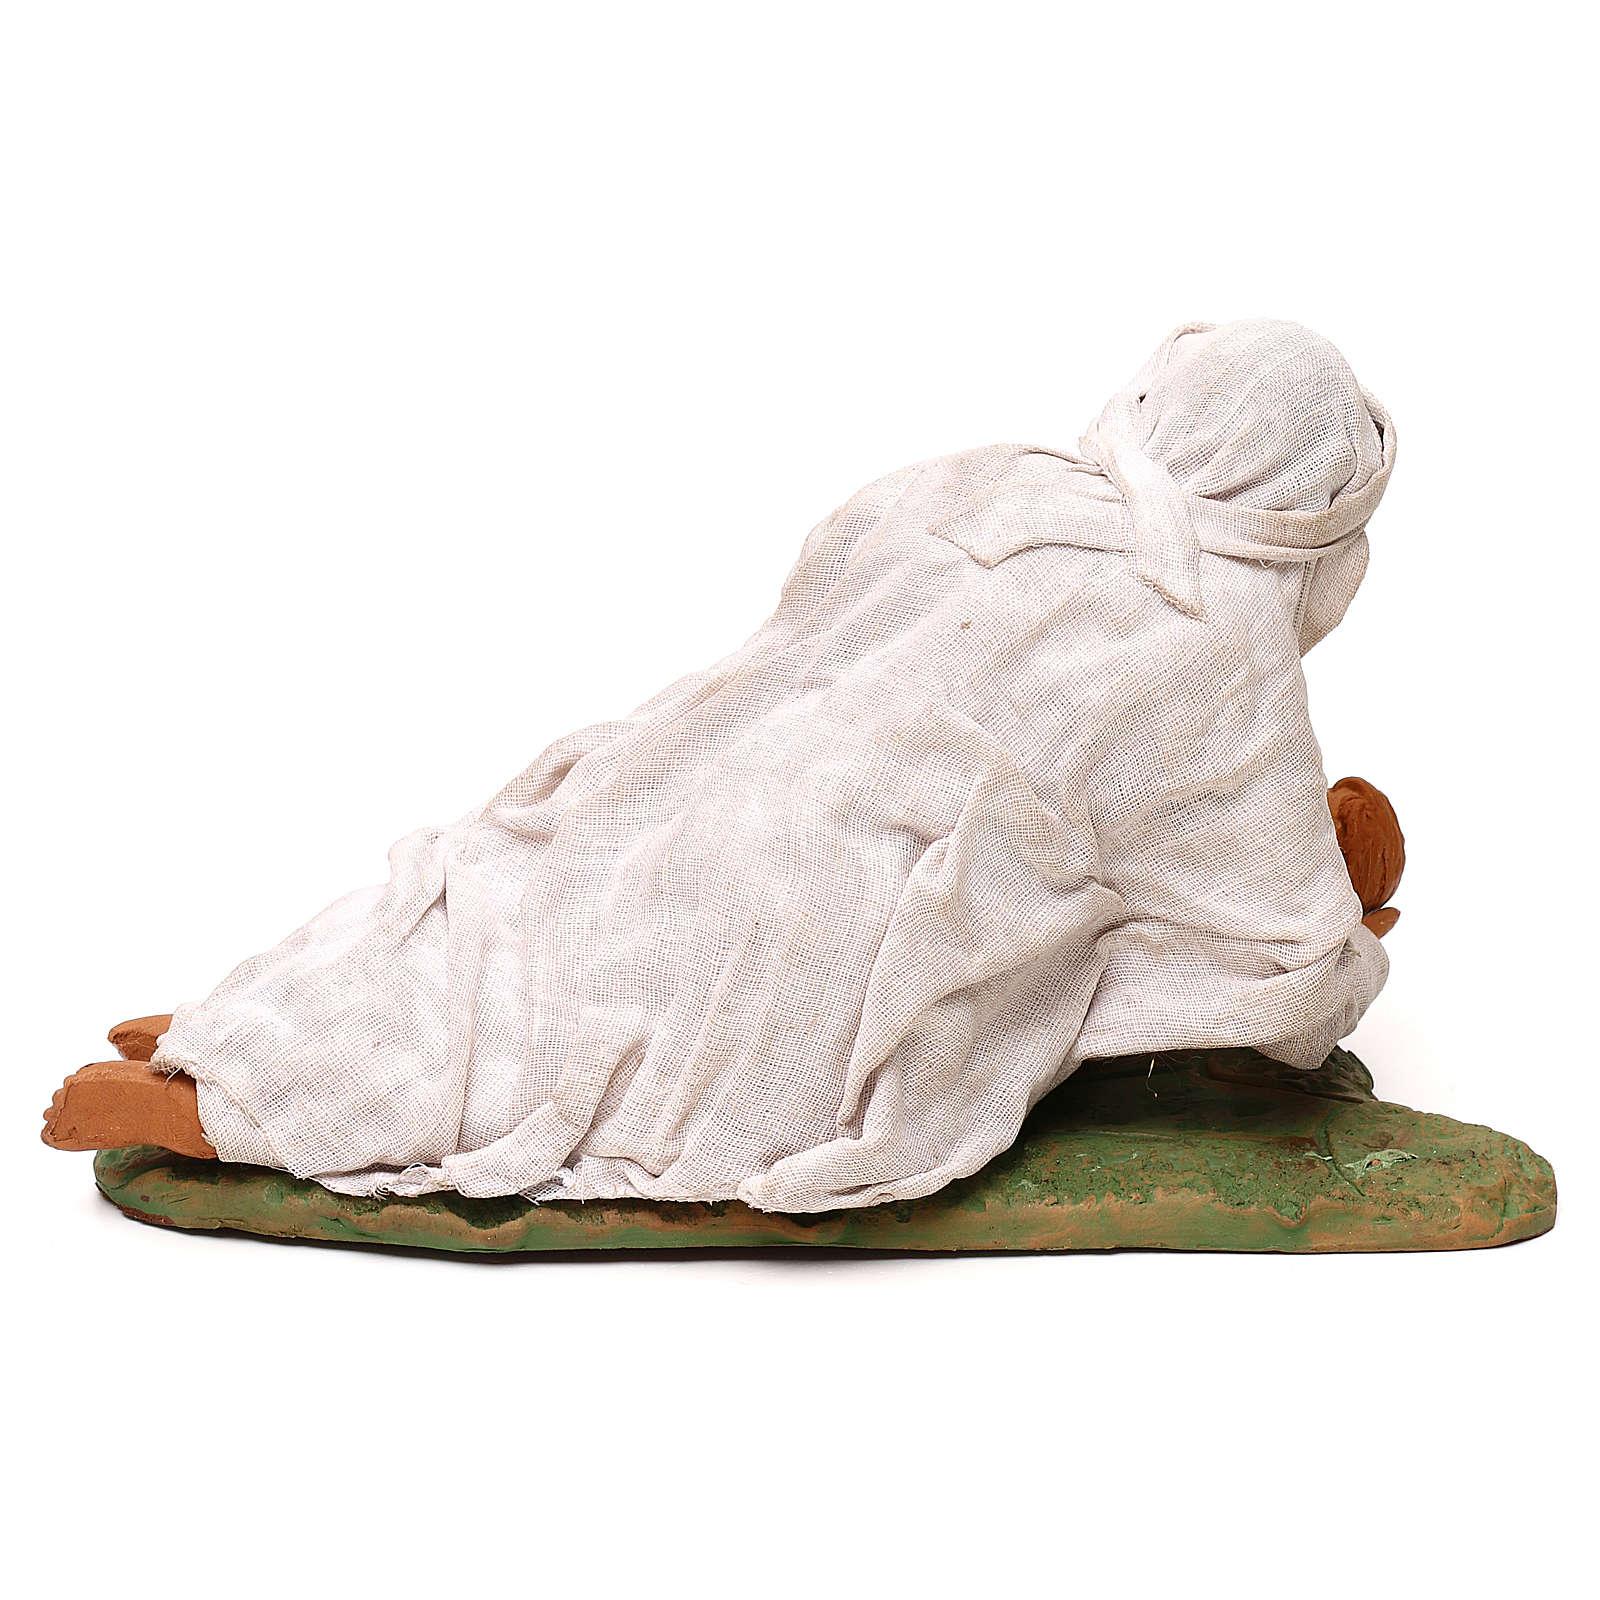 Vierge couchée avec enfant 24 cm 4